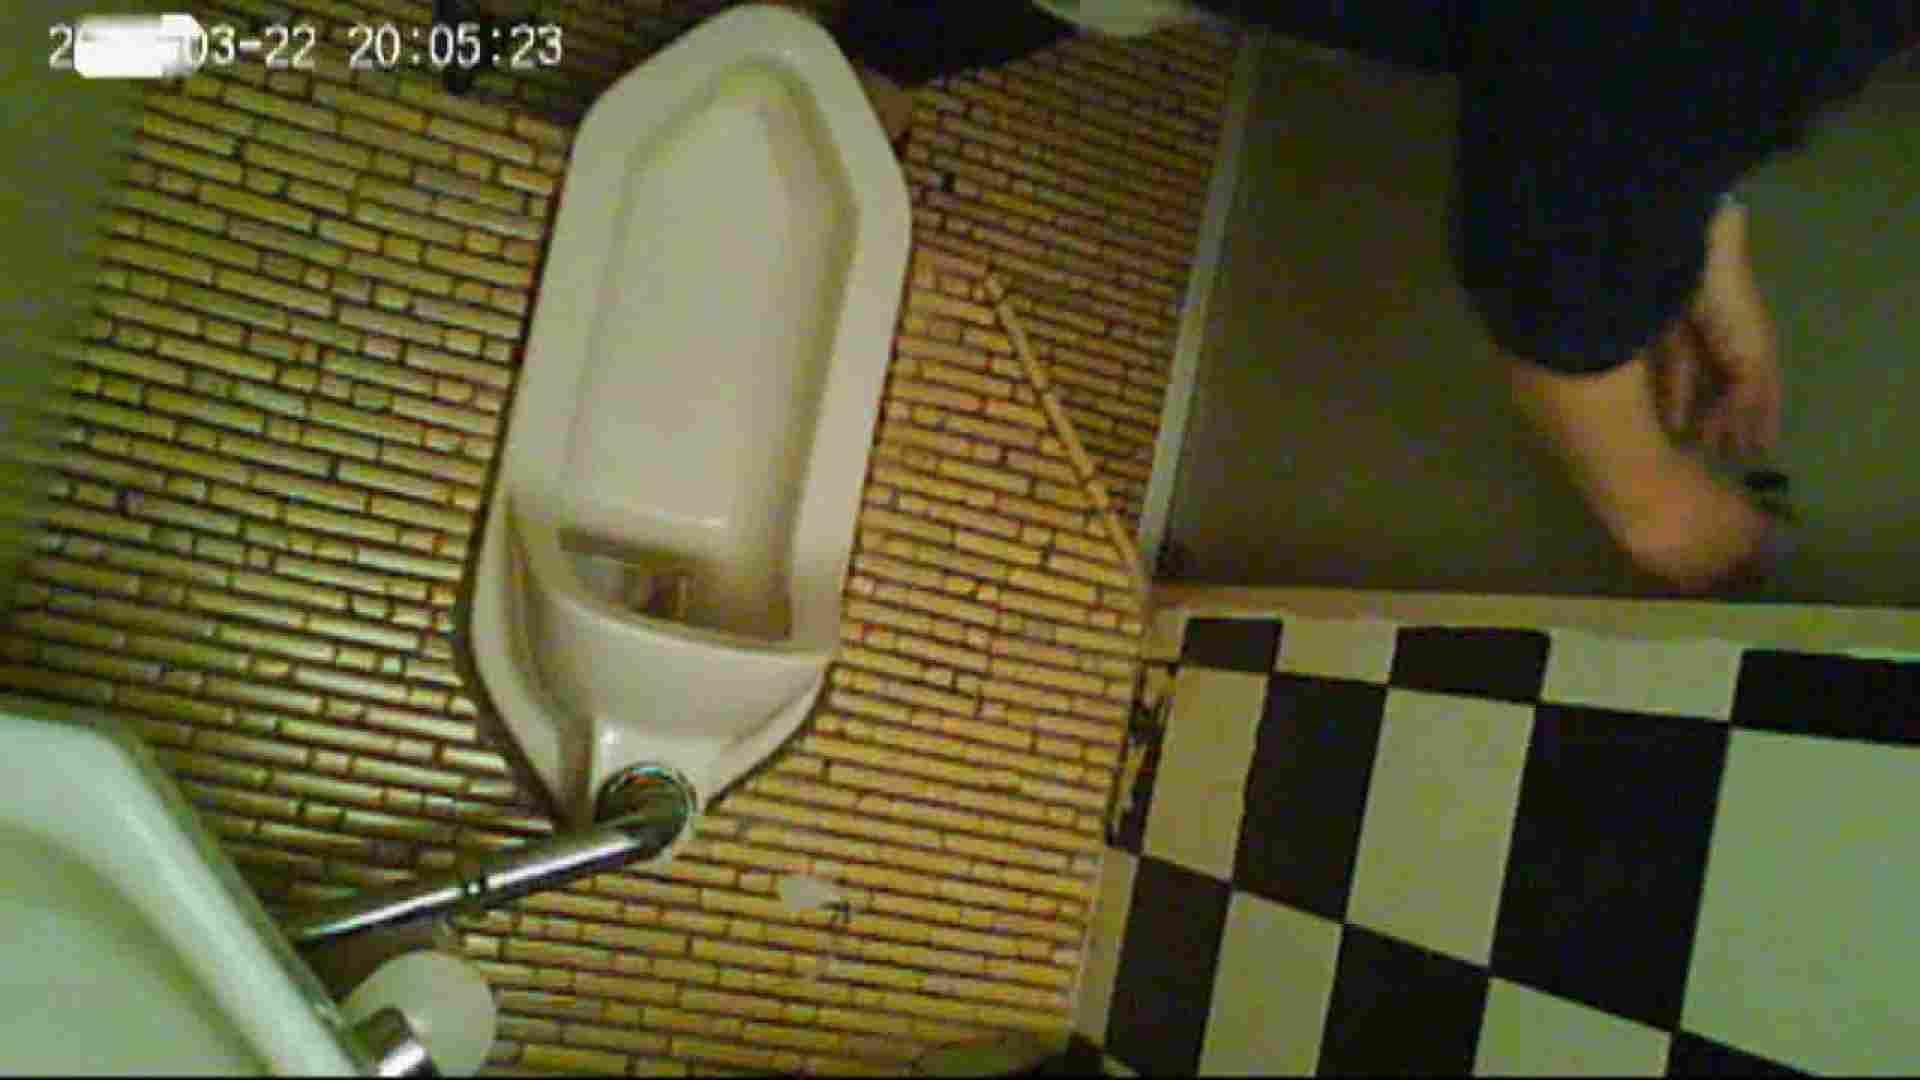 和式トイレの喫茶店店主マロンさんのコレクションvol.2 盗撮特撮 おまんこ動画流出 13pic 3